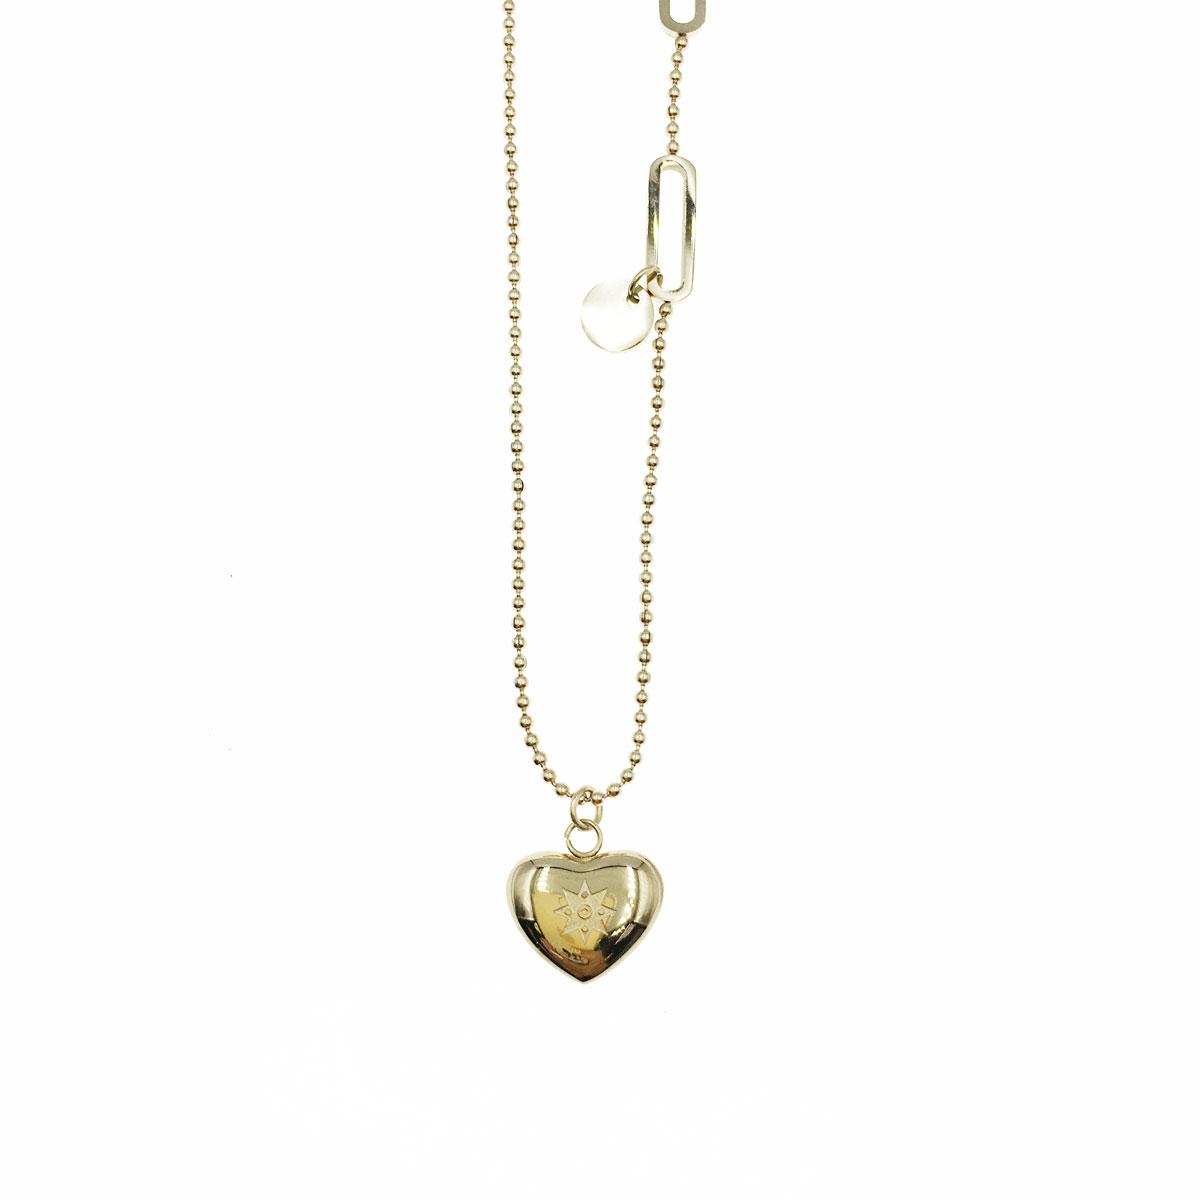 韓國 不銹鋼 愛心 星星 金屬感 鎖骨鍊 短鍊 項鍊 飾品